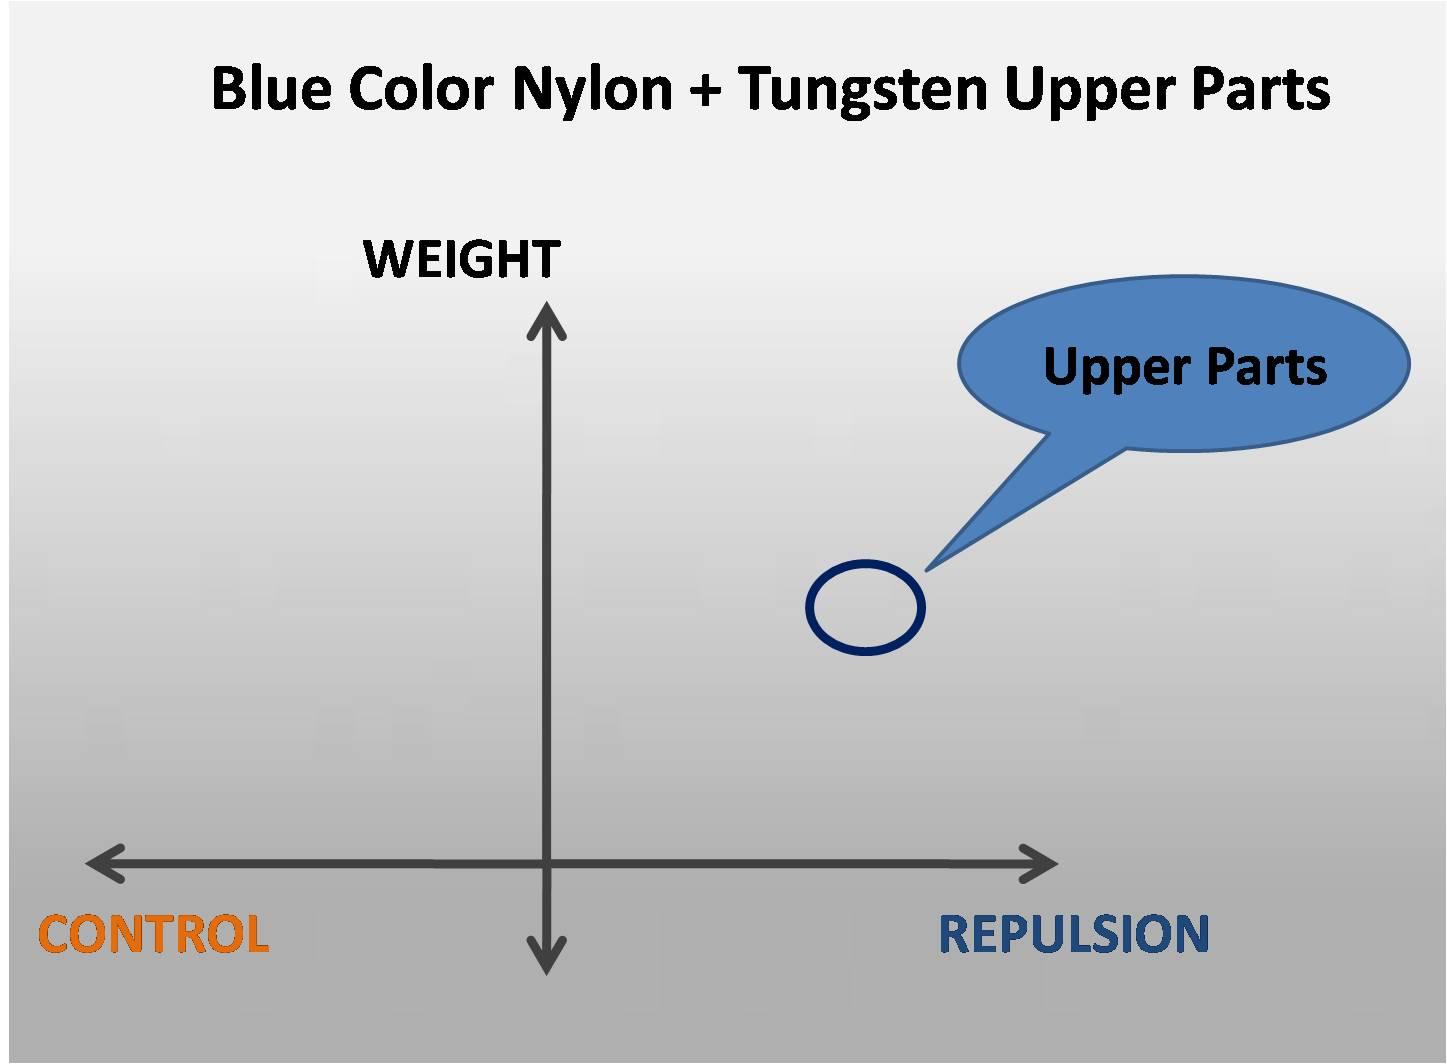 Blue Color Nylon + Tungsten Upper Parts